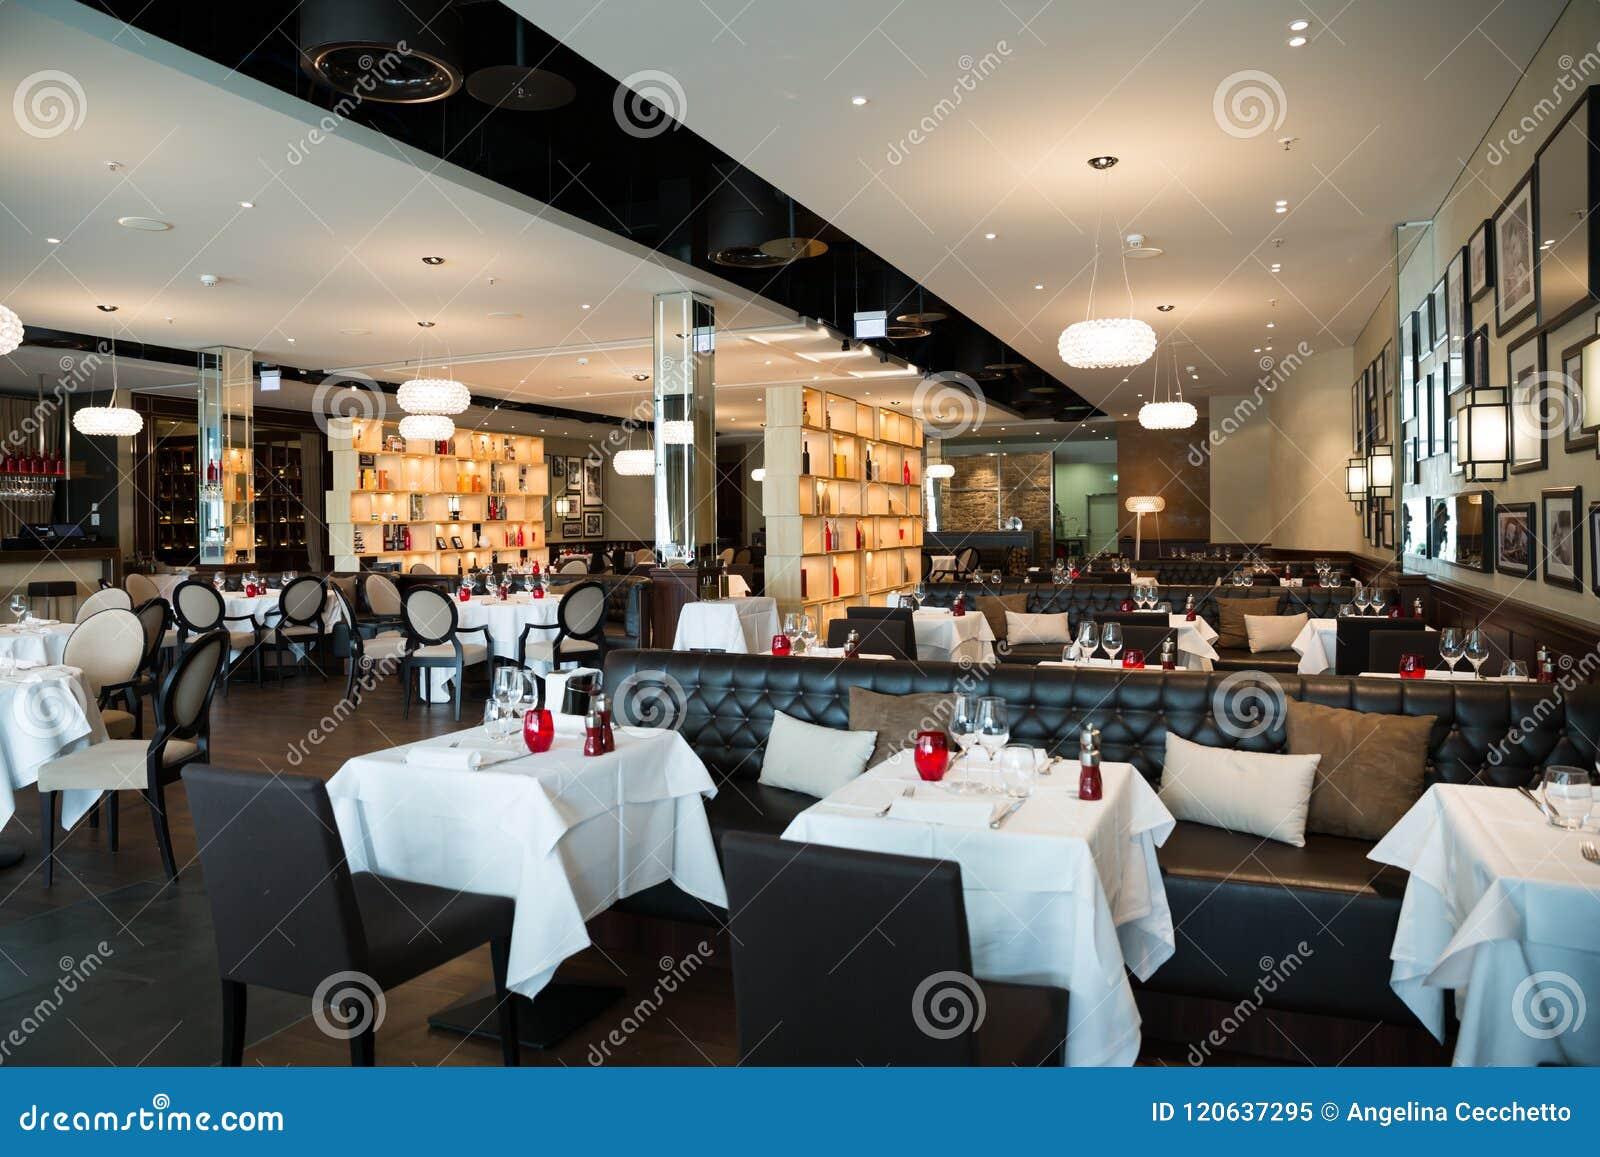 Rouge, blanc et décoration intérieure de restaurant de Brown